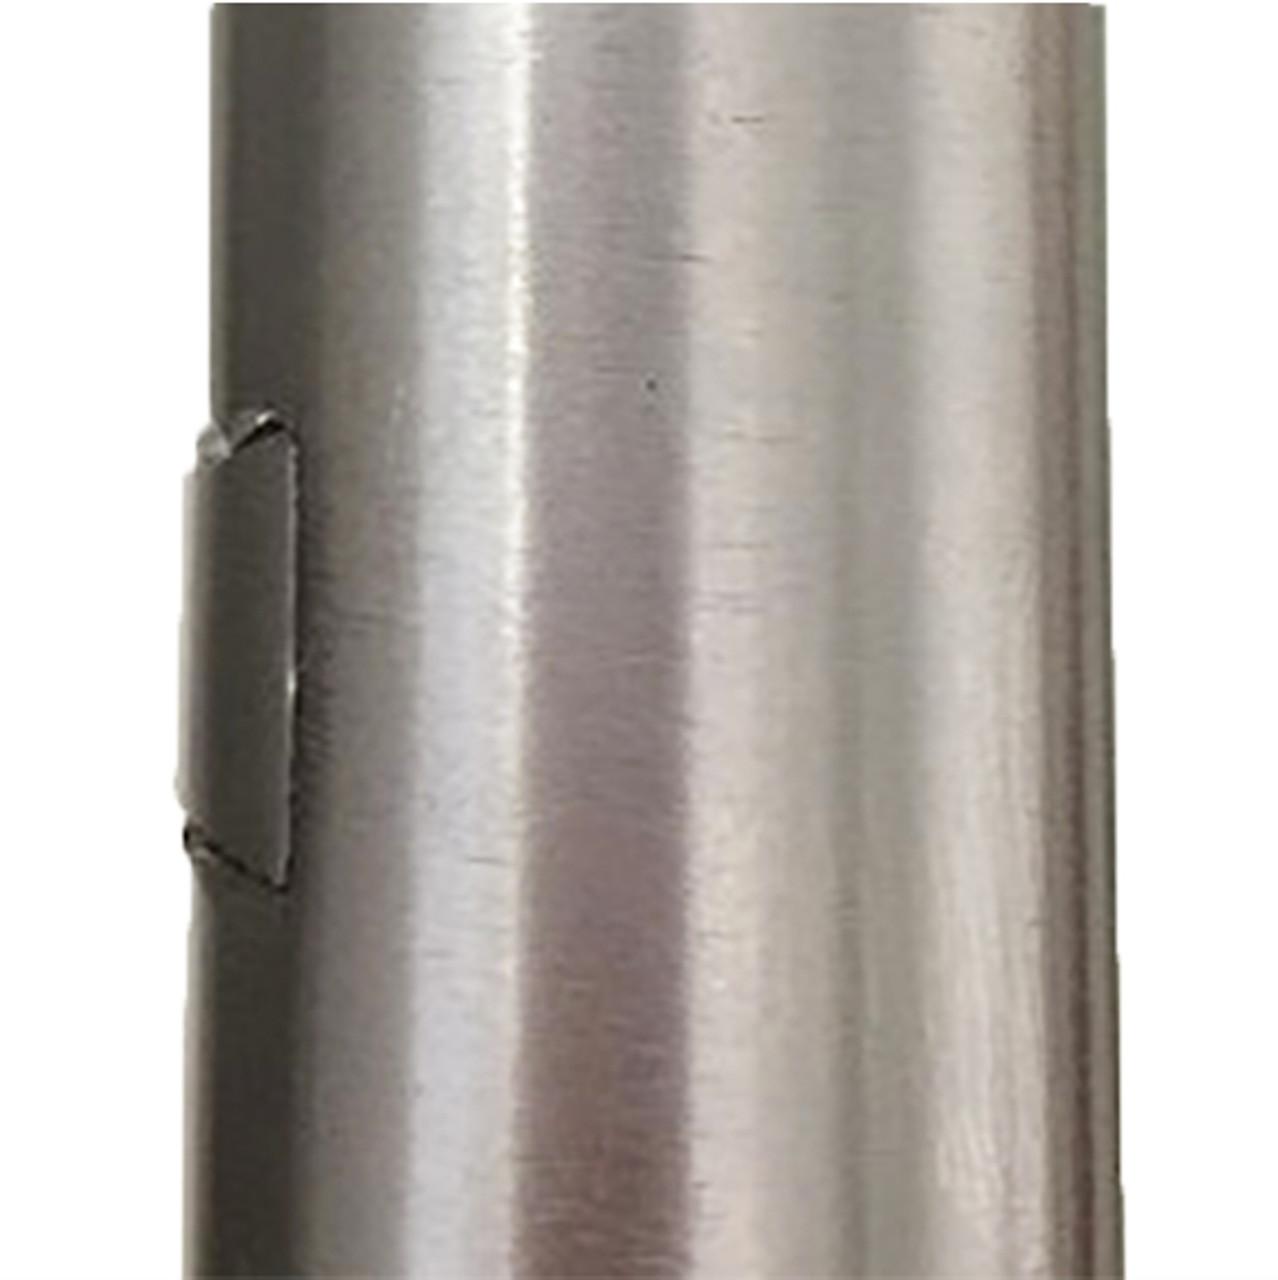 Dovetail Slot Blank Dovetail Filler Marlin Dovetail filler